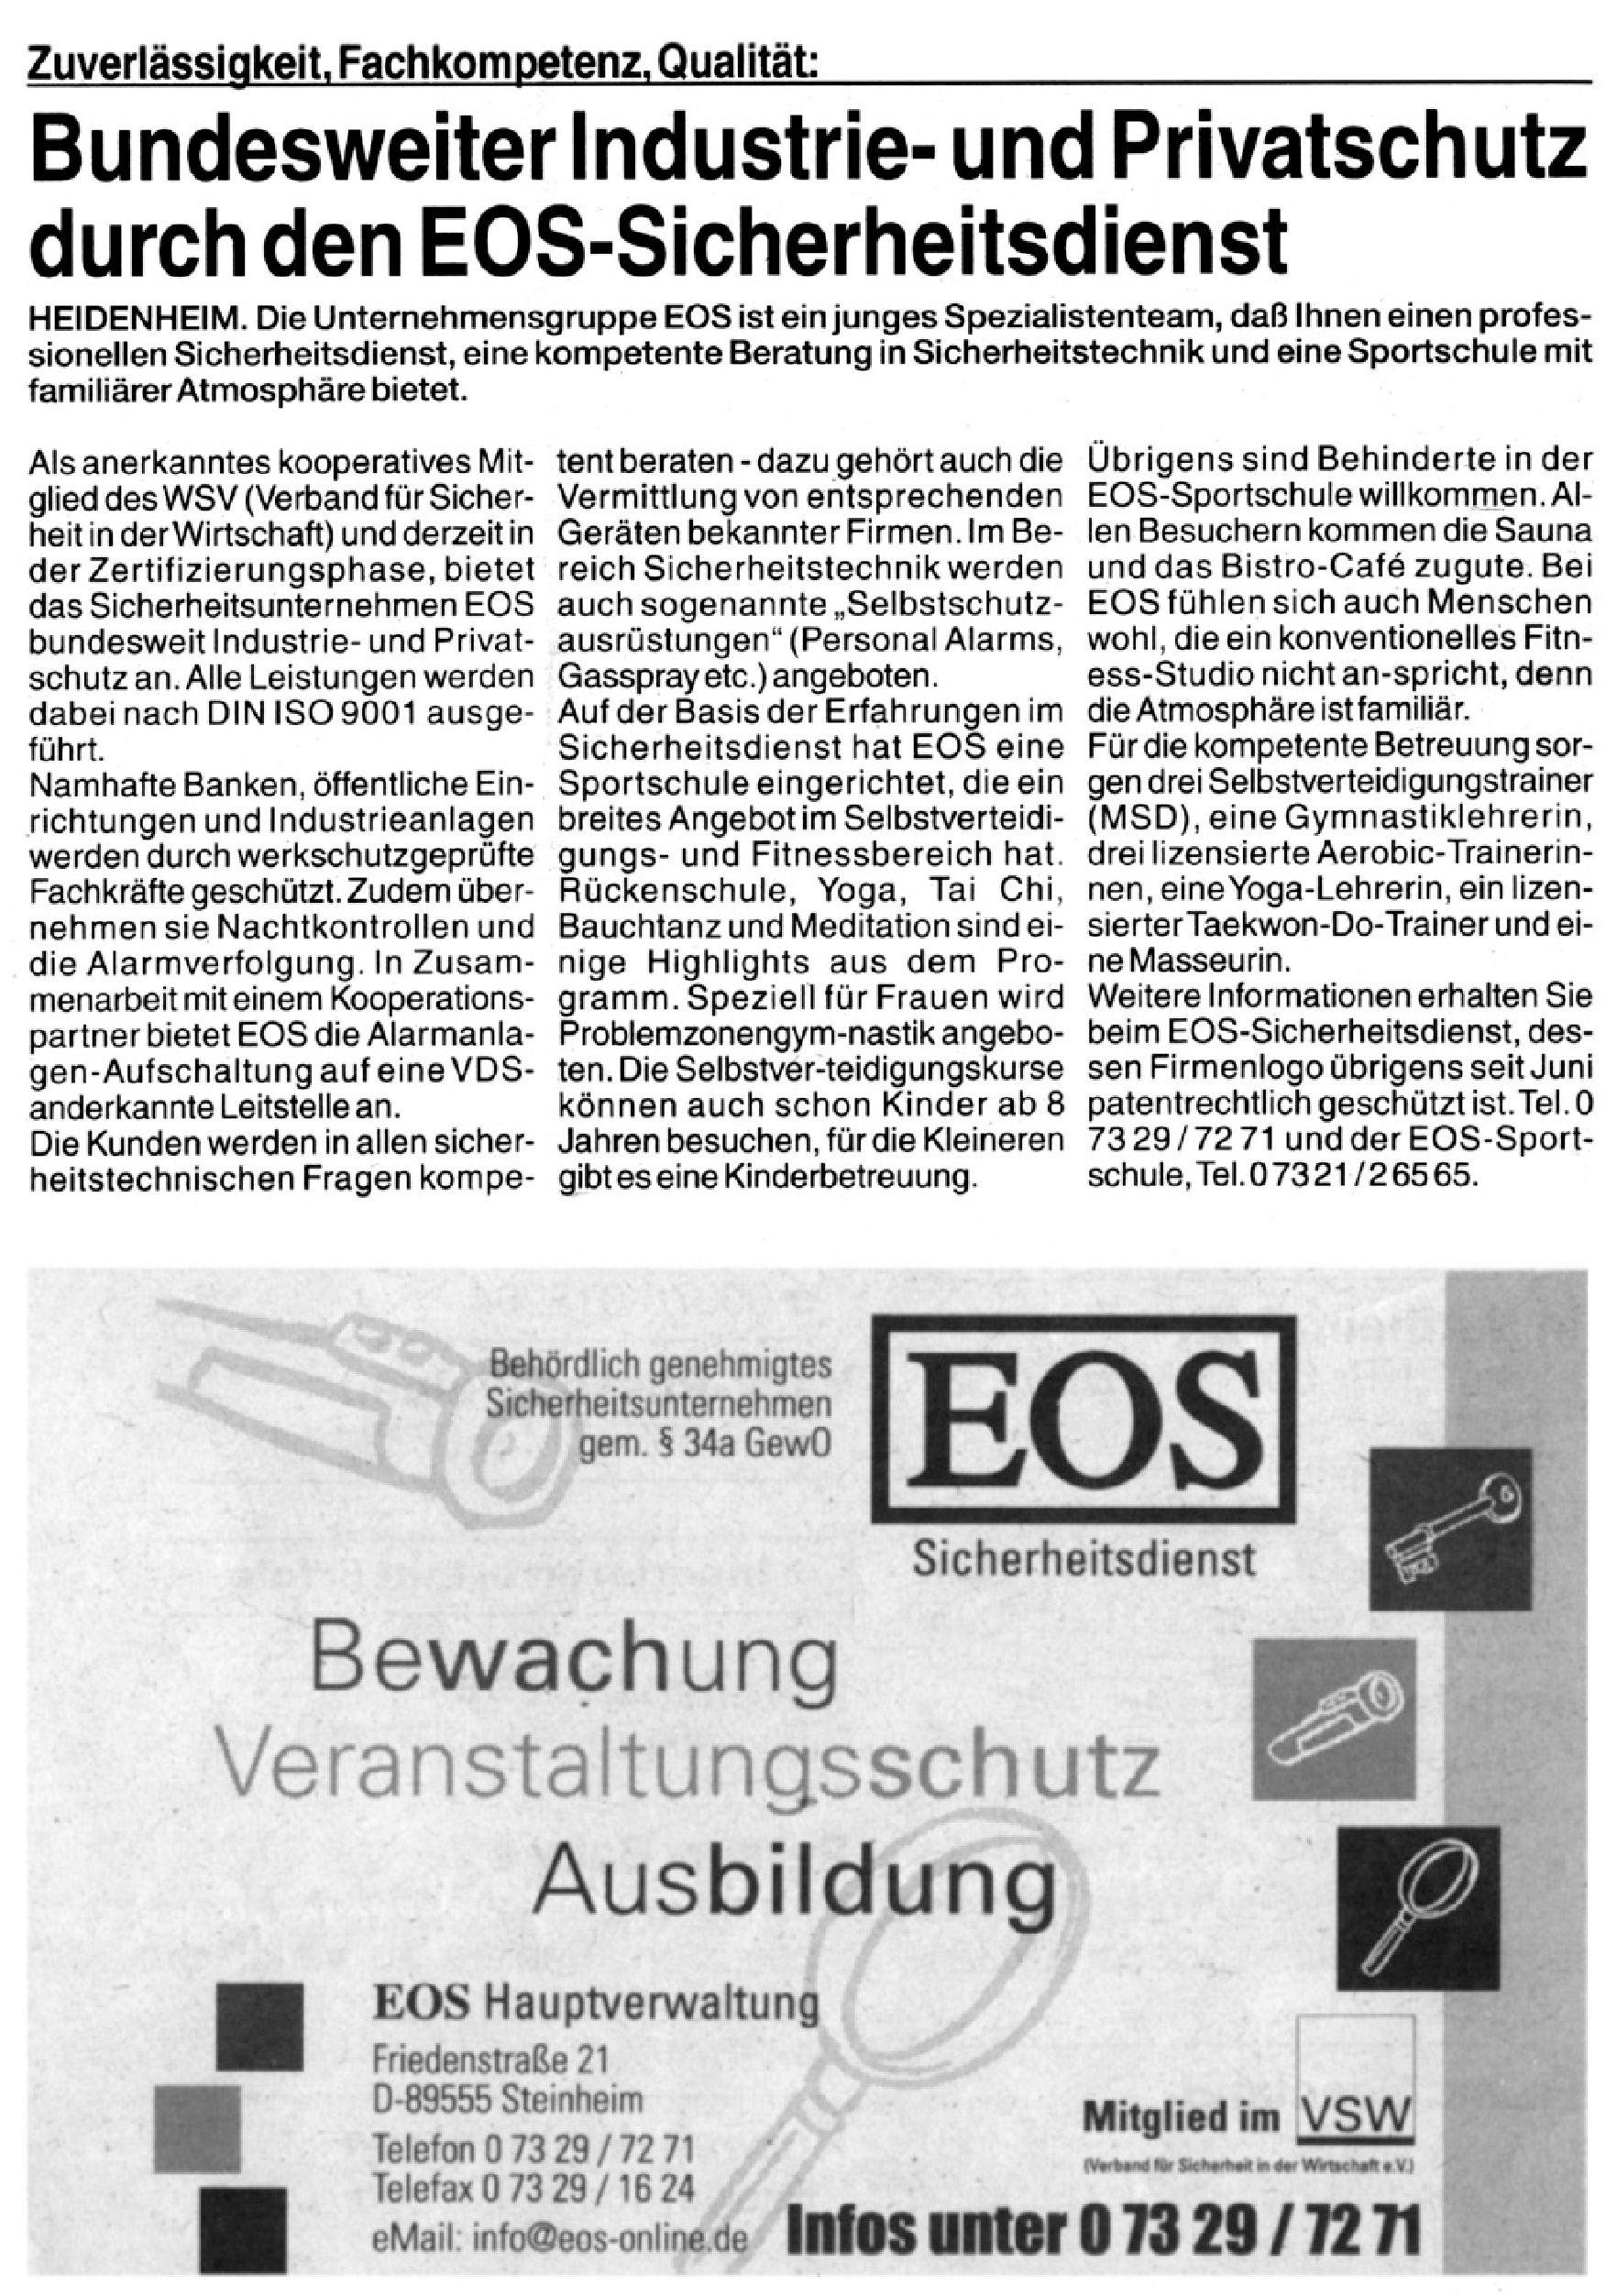 Bundesweiter Industrie- und Privatschutz durch EOS